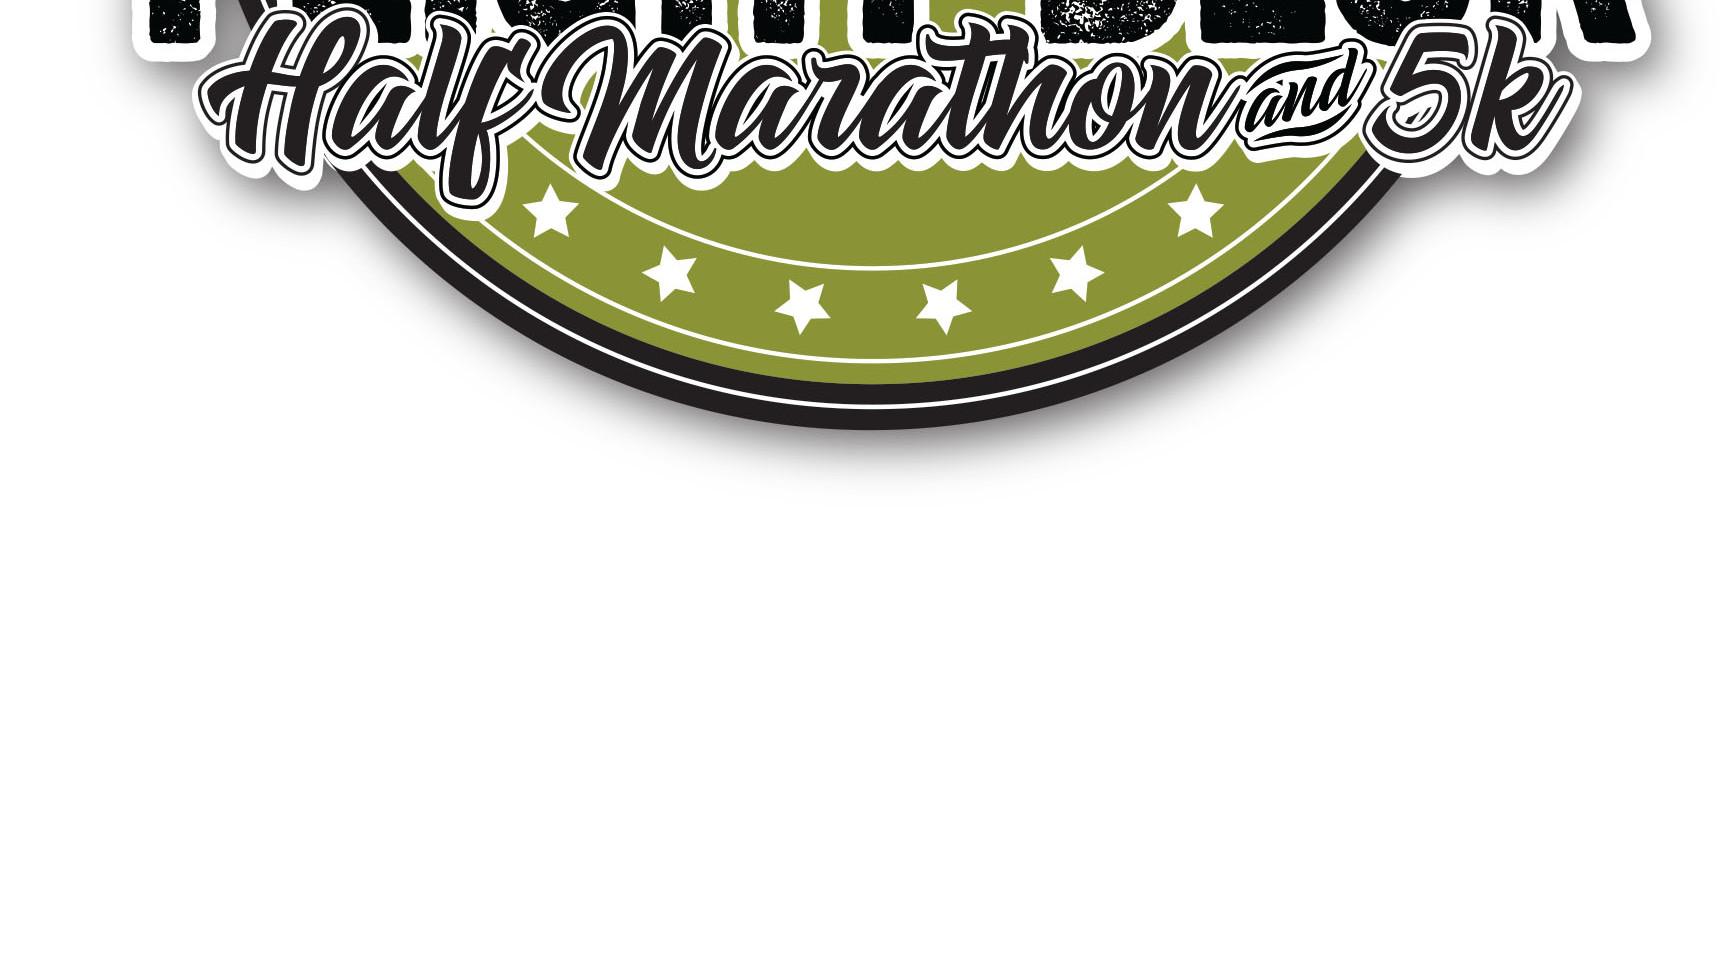 Flight Deck Half Marathon and 5K - 4